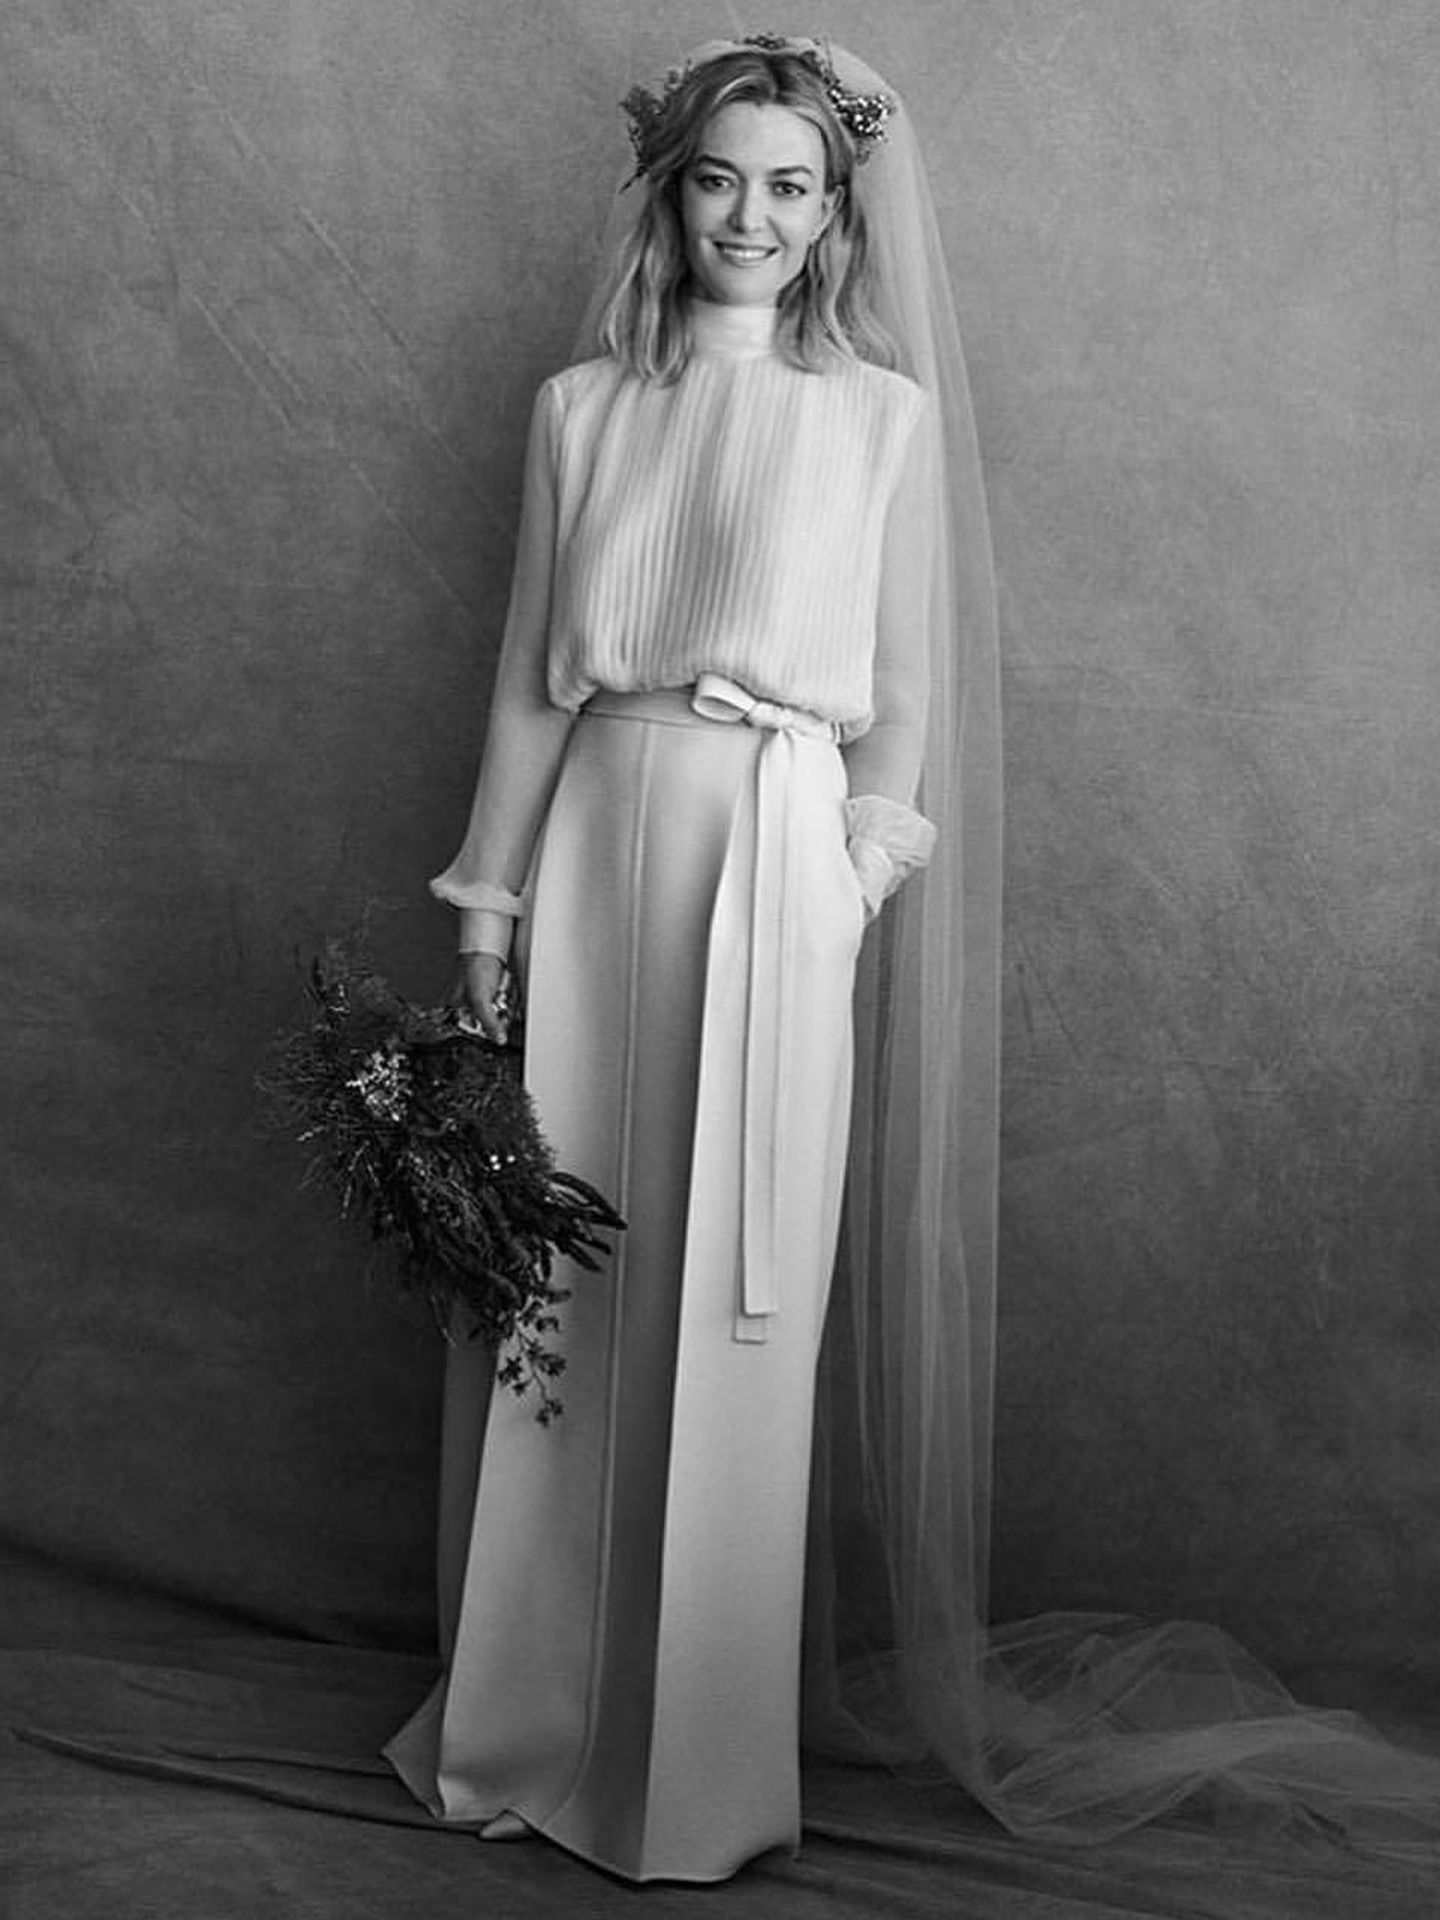 El vestido de novia de Marta Ortega. (Archivo)